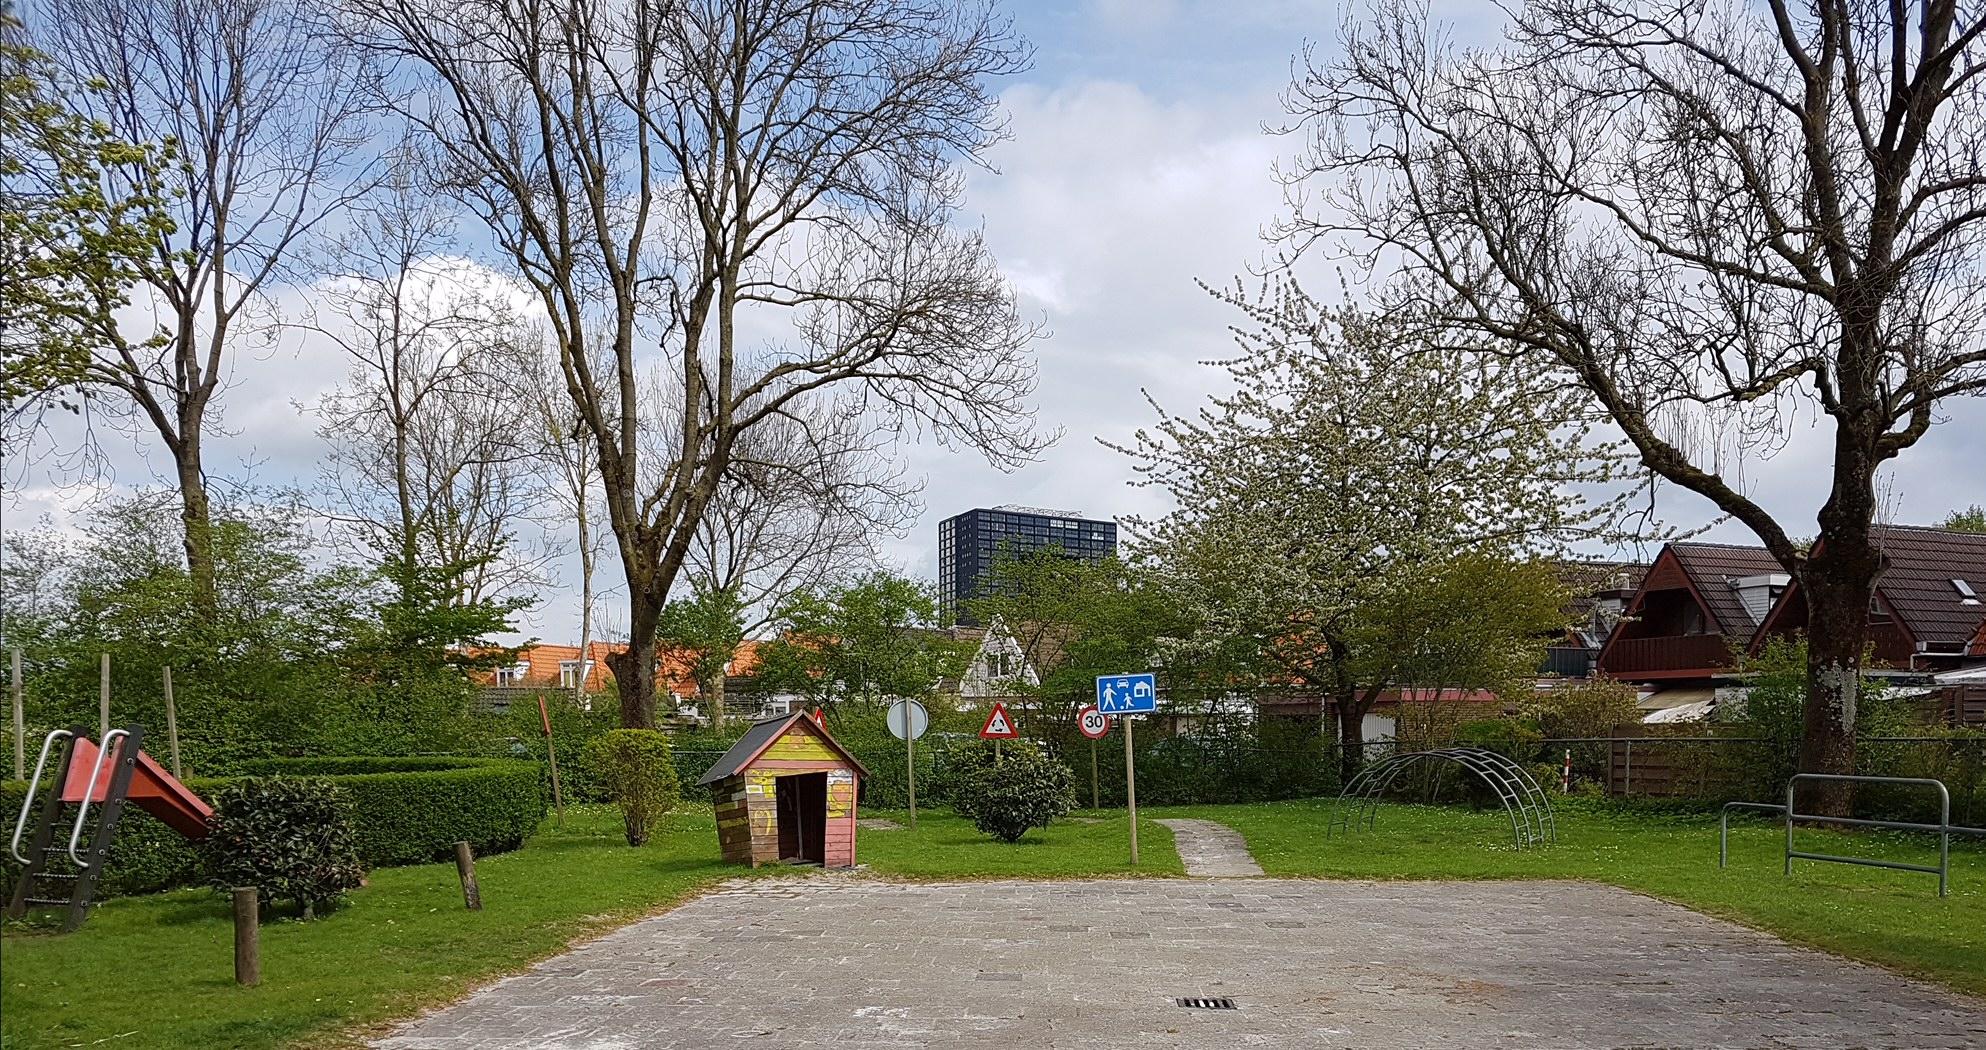 Alles Kids kinderdagverblijf Oosterparkwijk Groningen Kids First COP groep plein